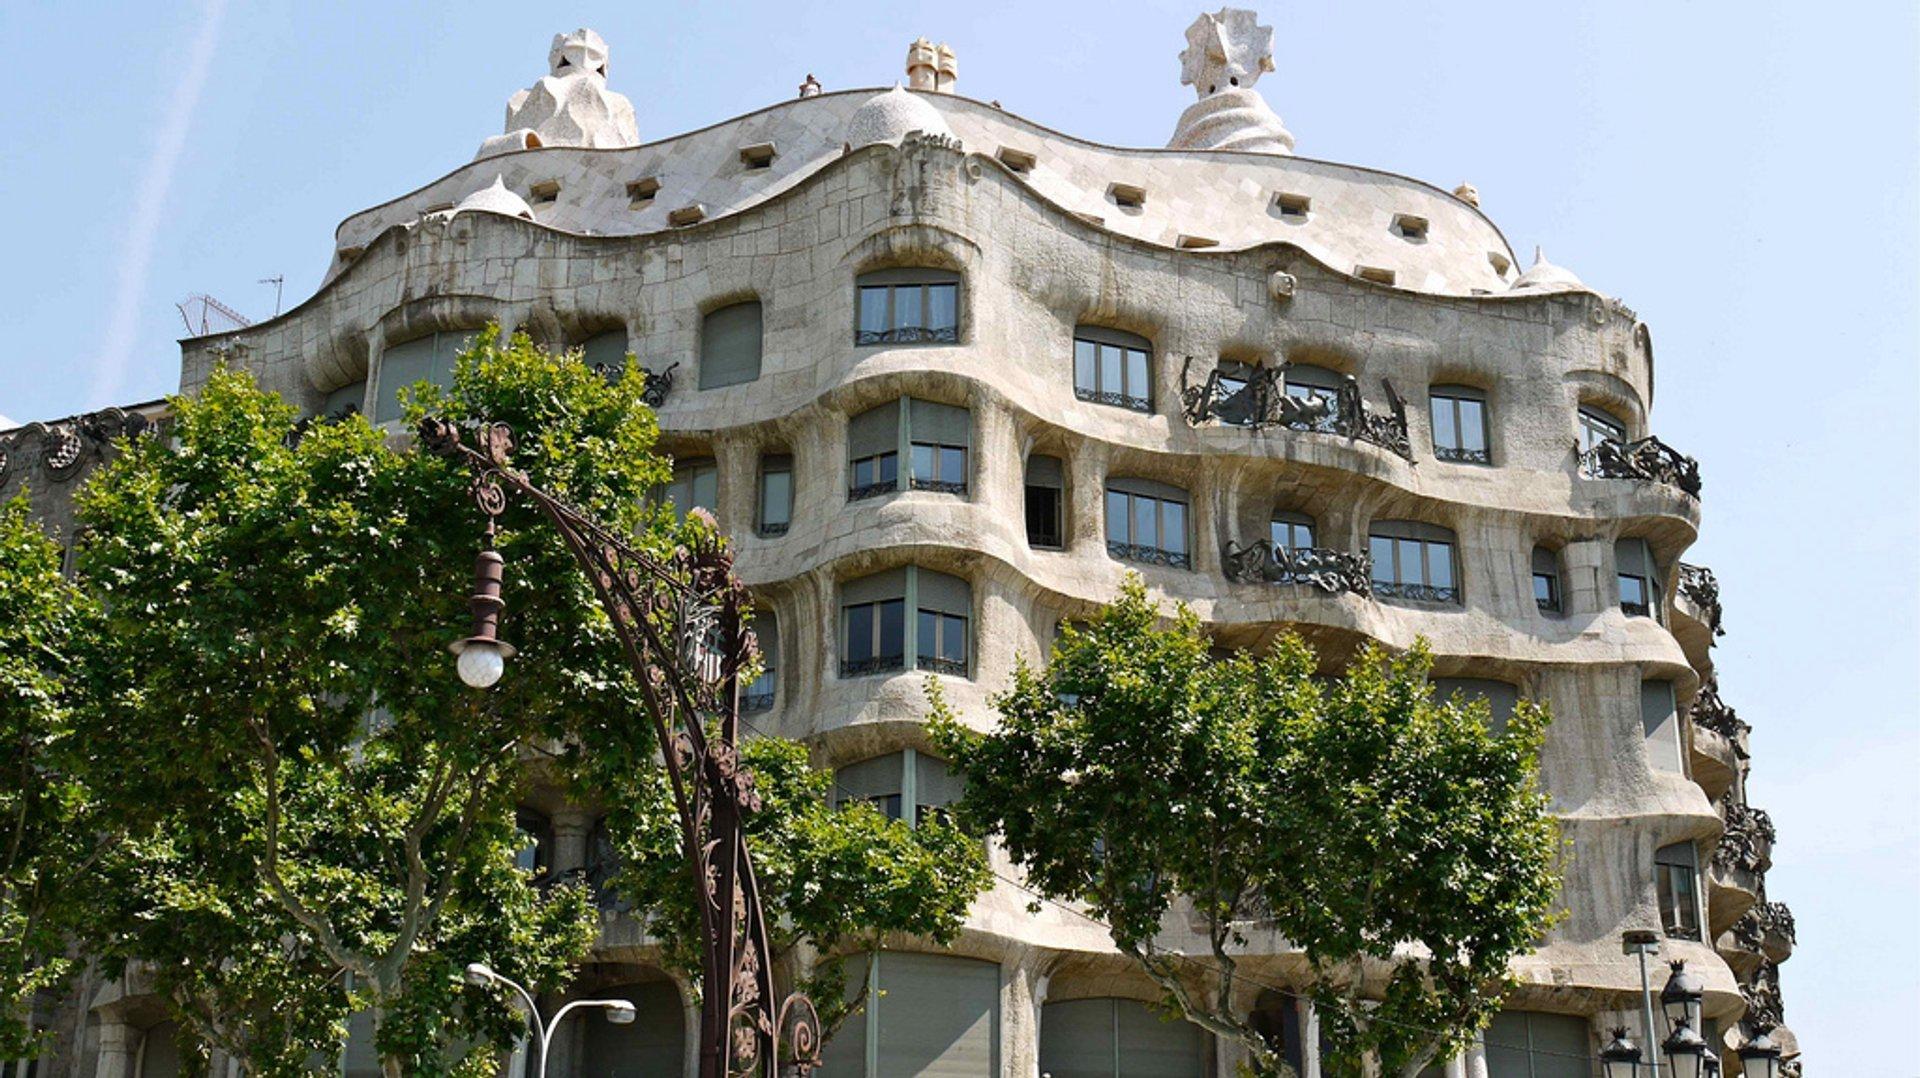 Casa Milà (La Pedrera) in Barcelona 2020 - Best Time